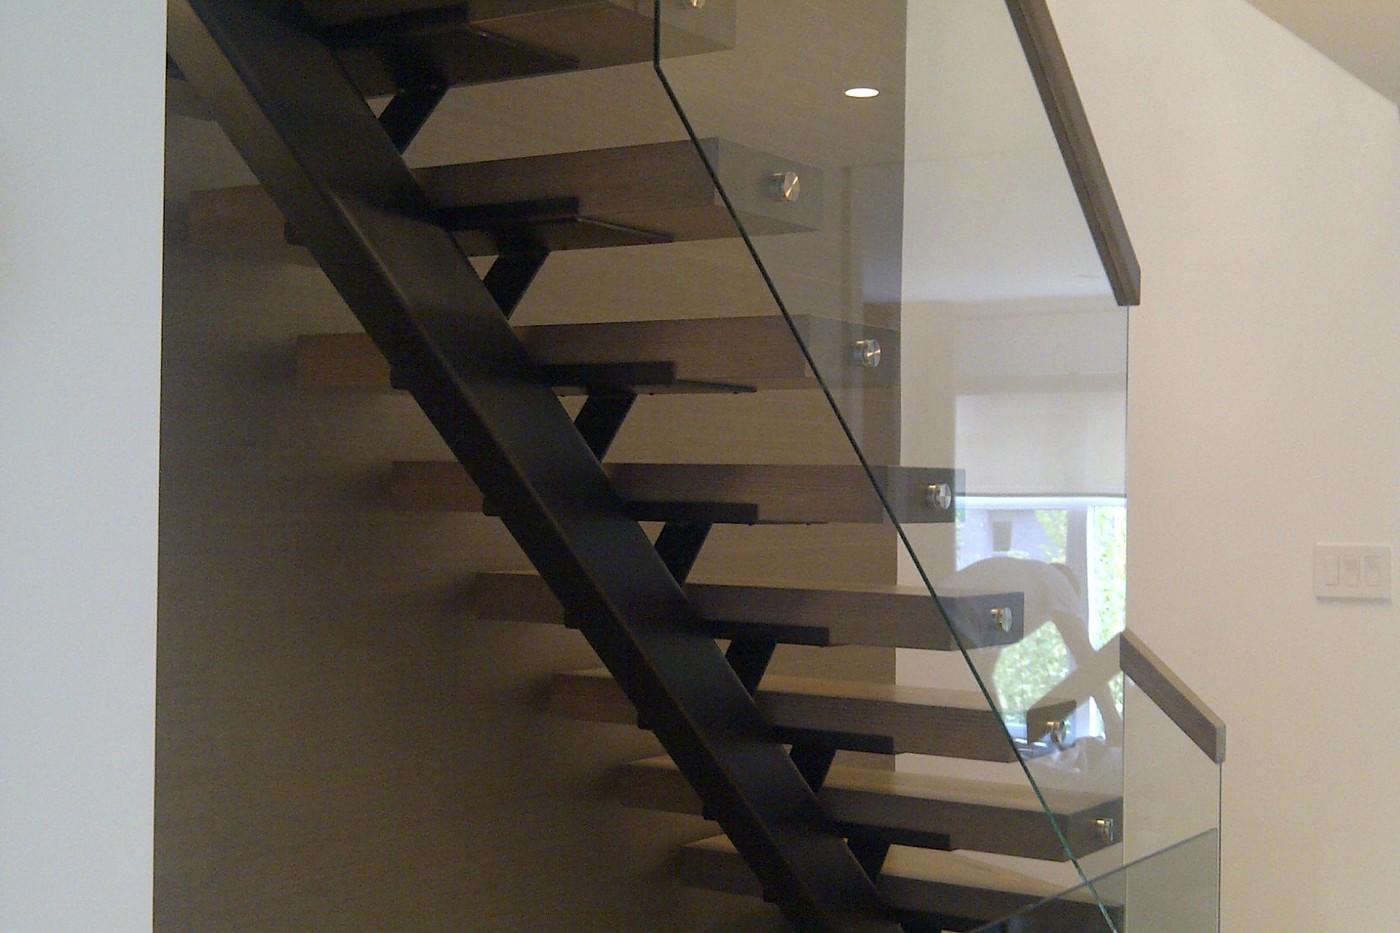 escaliers et planchers sur mesure boucherville. Black Bedroom Furniture Sets. Home Design Ideas